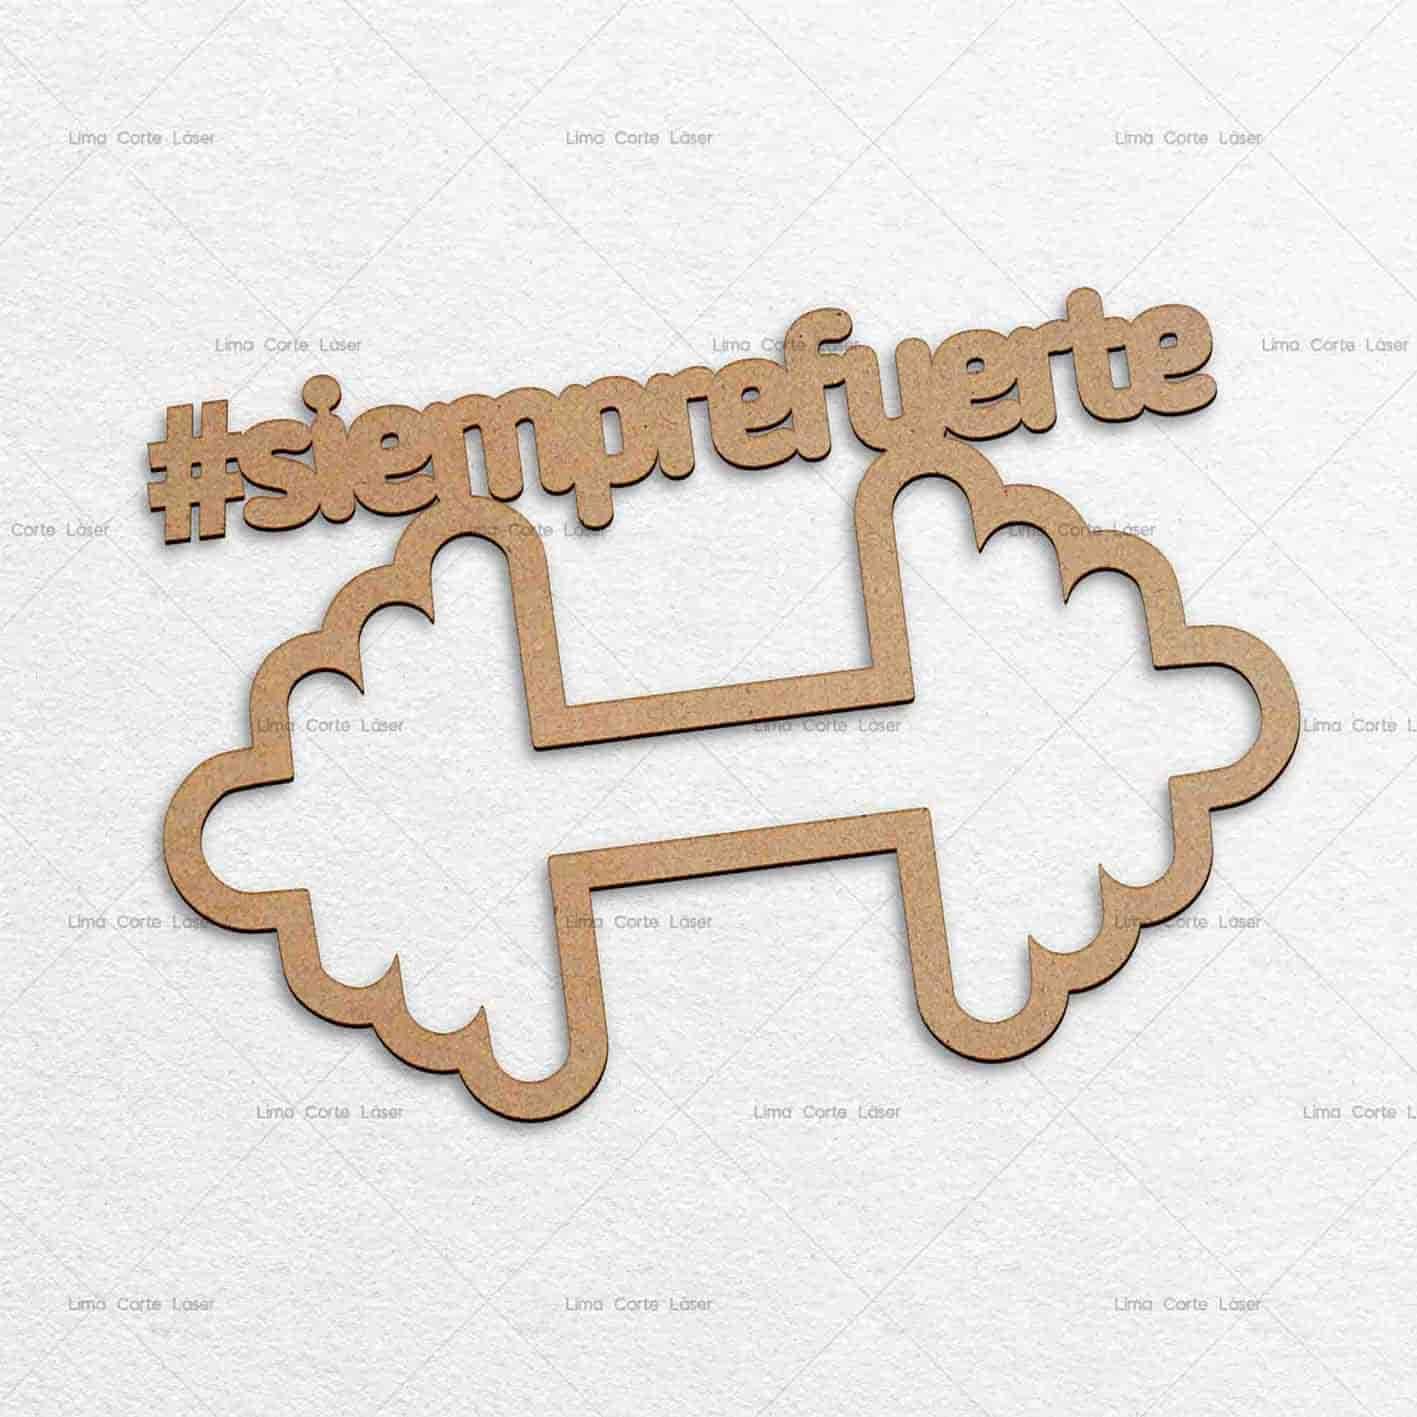 Adorno para pared con el hashtag #siemprefuerte hecho de mdf y cortado con láser